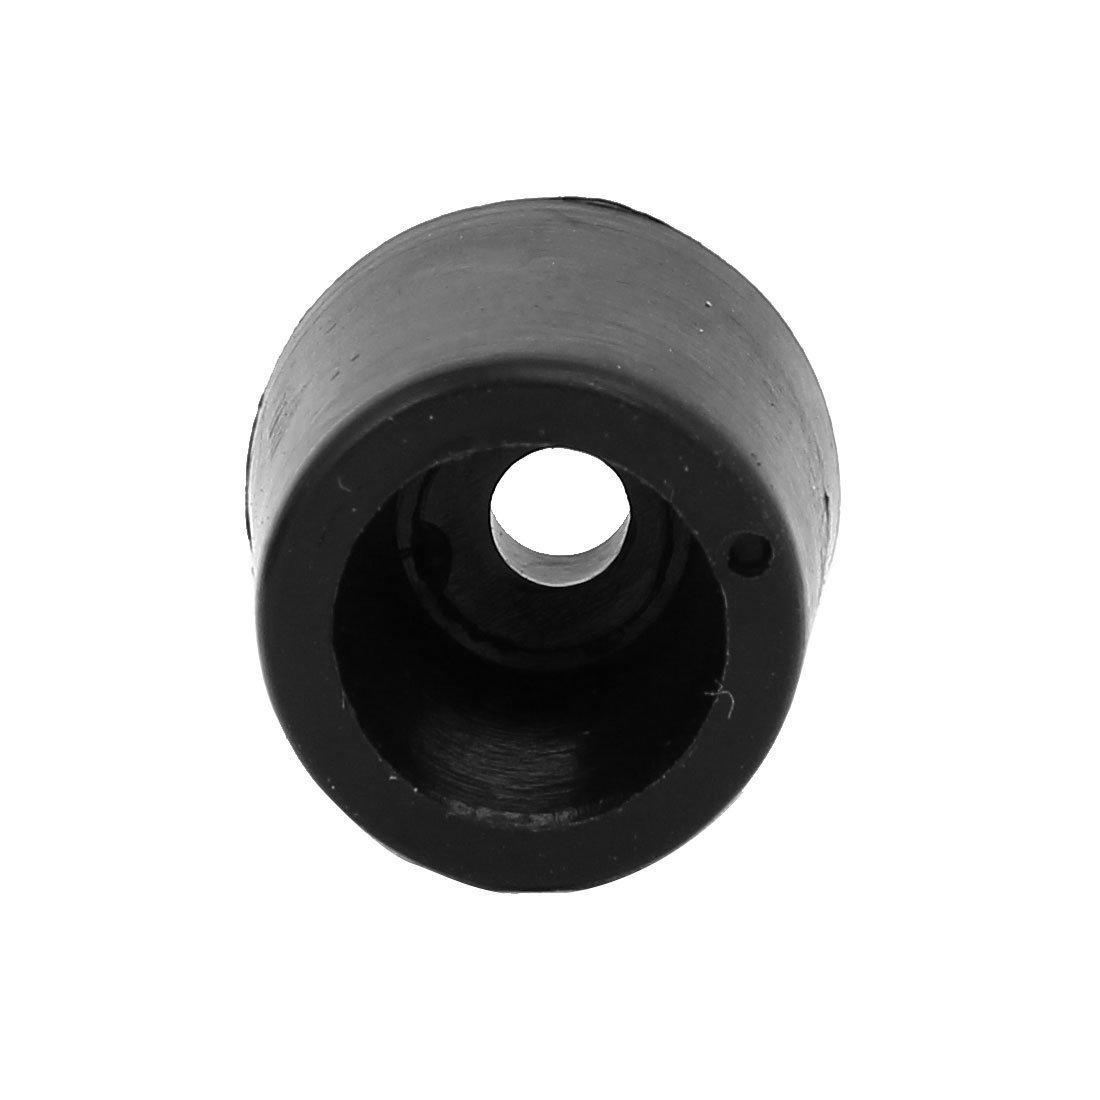 eDealMax 17mmx15mm en Caoutchouc Non-Conique Housse Tip Meubles Tapis sol Noir 500pcs